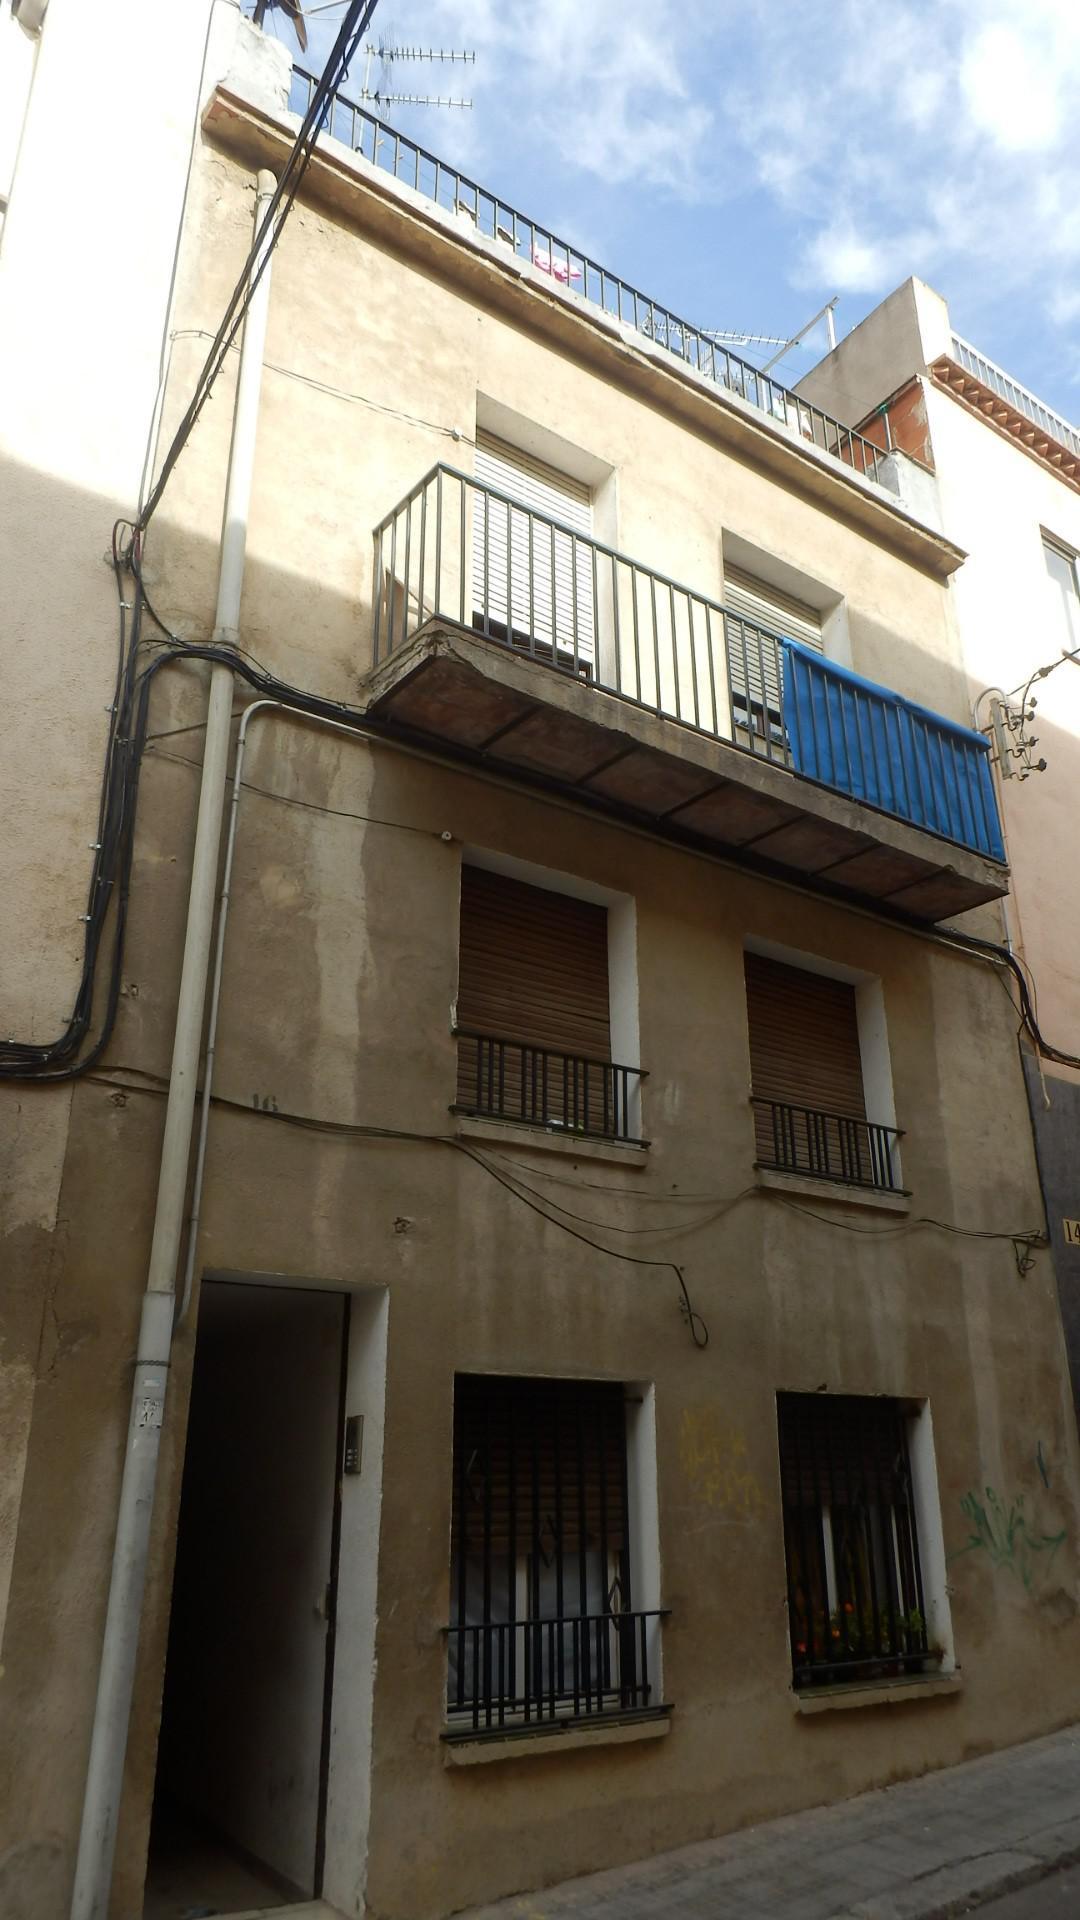 Imagen 2 Casa Pareada en venta en Vilafranca Del Penedès / Cerca del centro, a 5 minutos caminando.